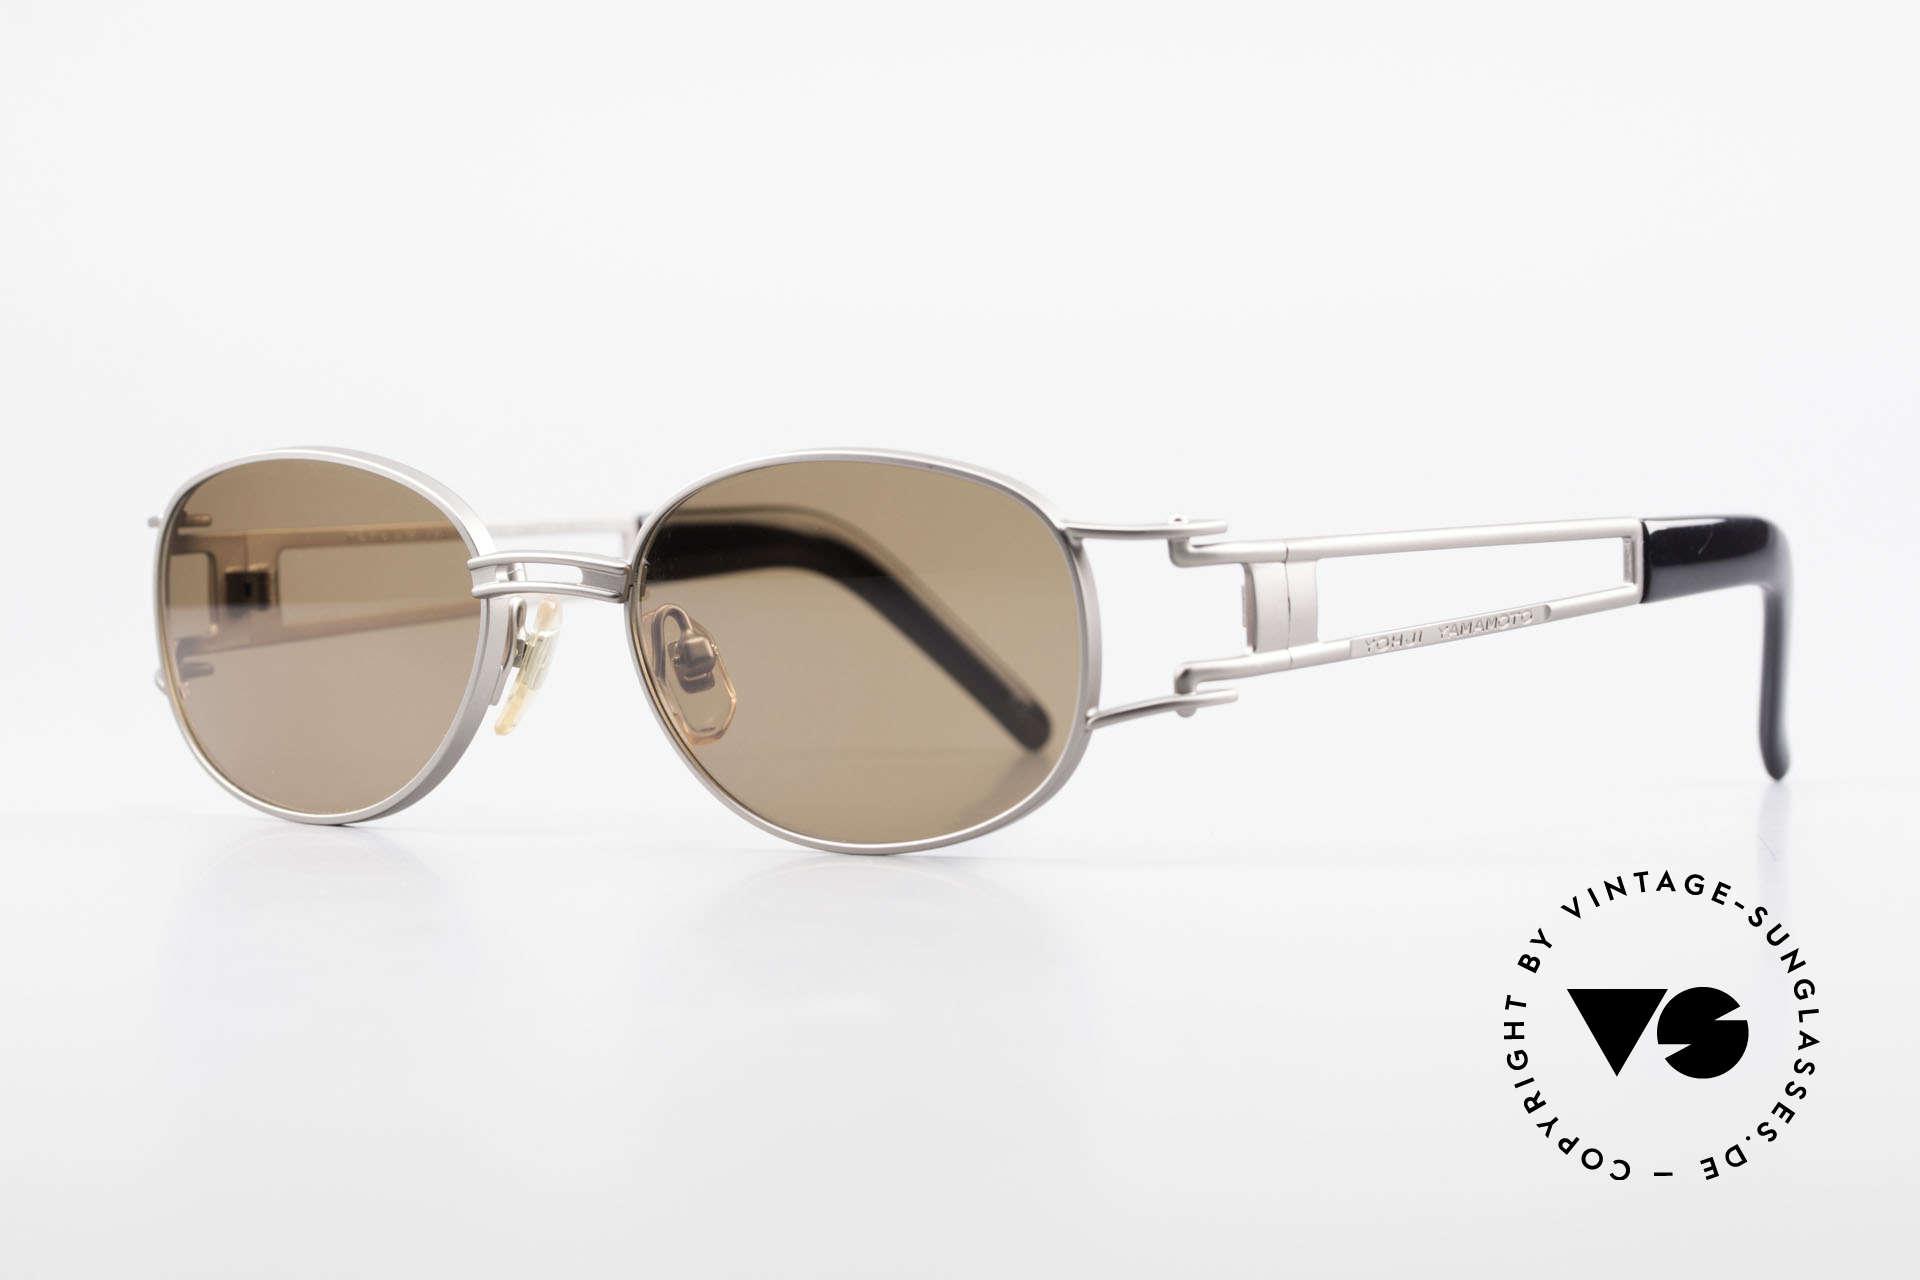 Yohji Yamamoto 52-6106 Vintage Designerbrille Oval, herausragende Qualität aller Komponenten: made in Japan, Passend für Herren und Damen